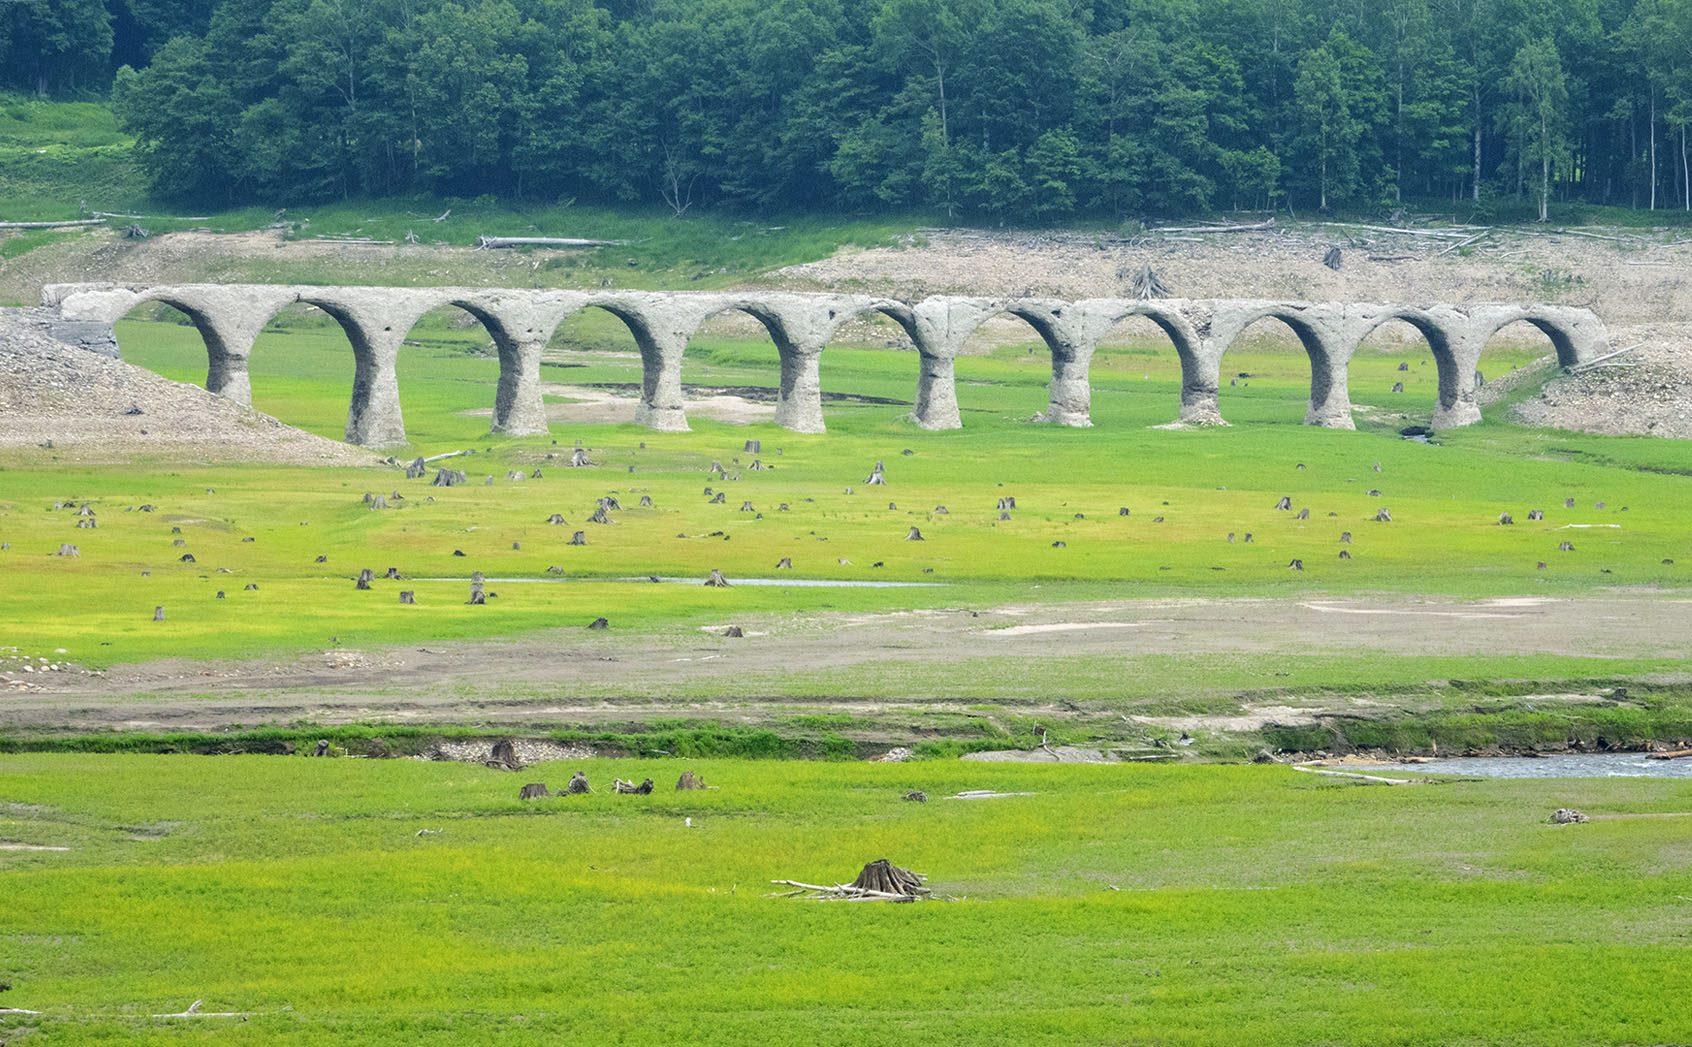 朽ちていくからこそ記憶にとどめたい  「タウシュベツ川橋梁」独自の美しさ